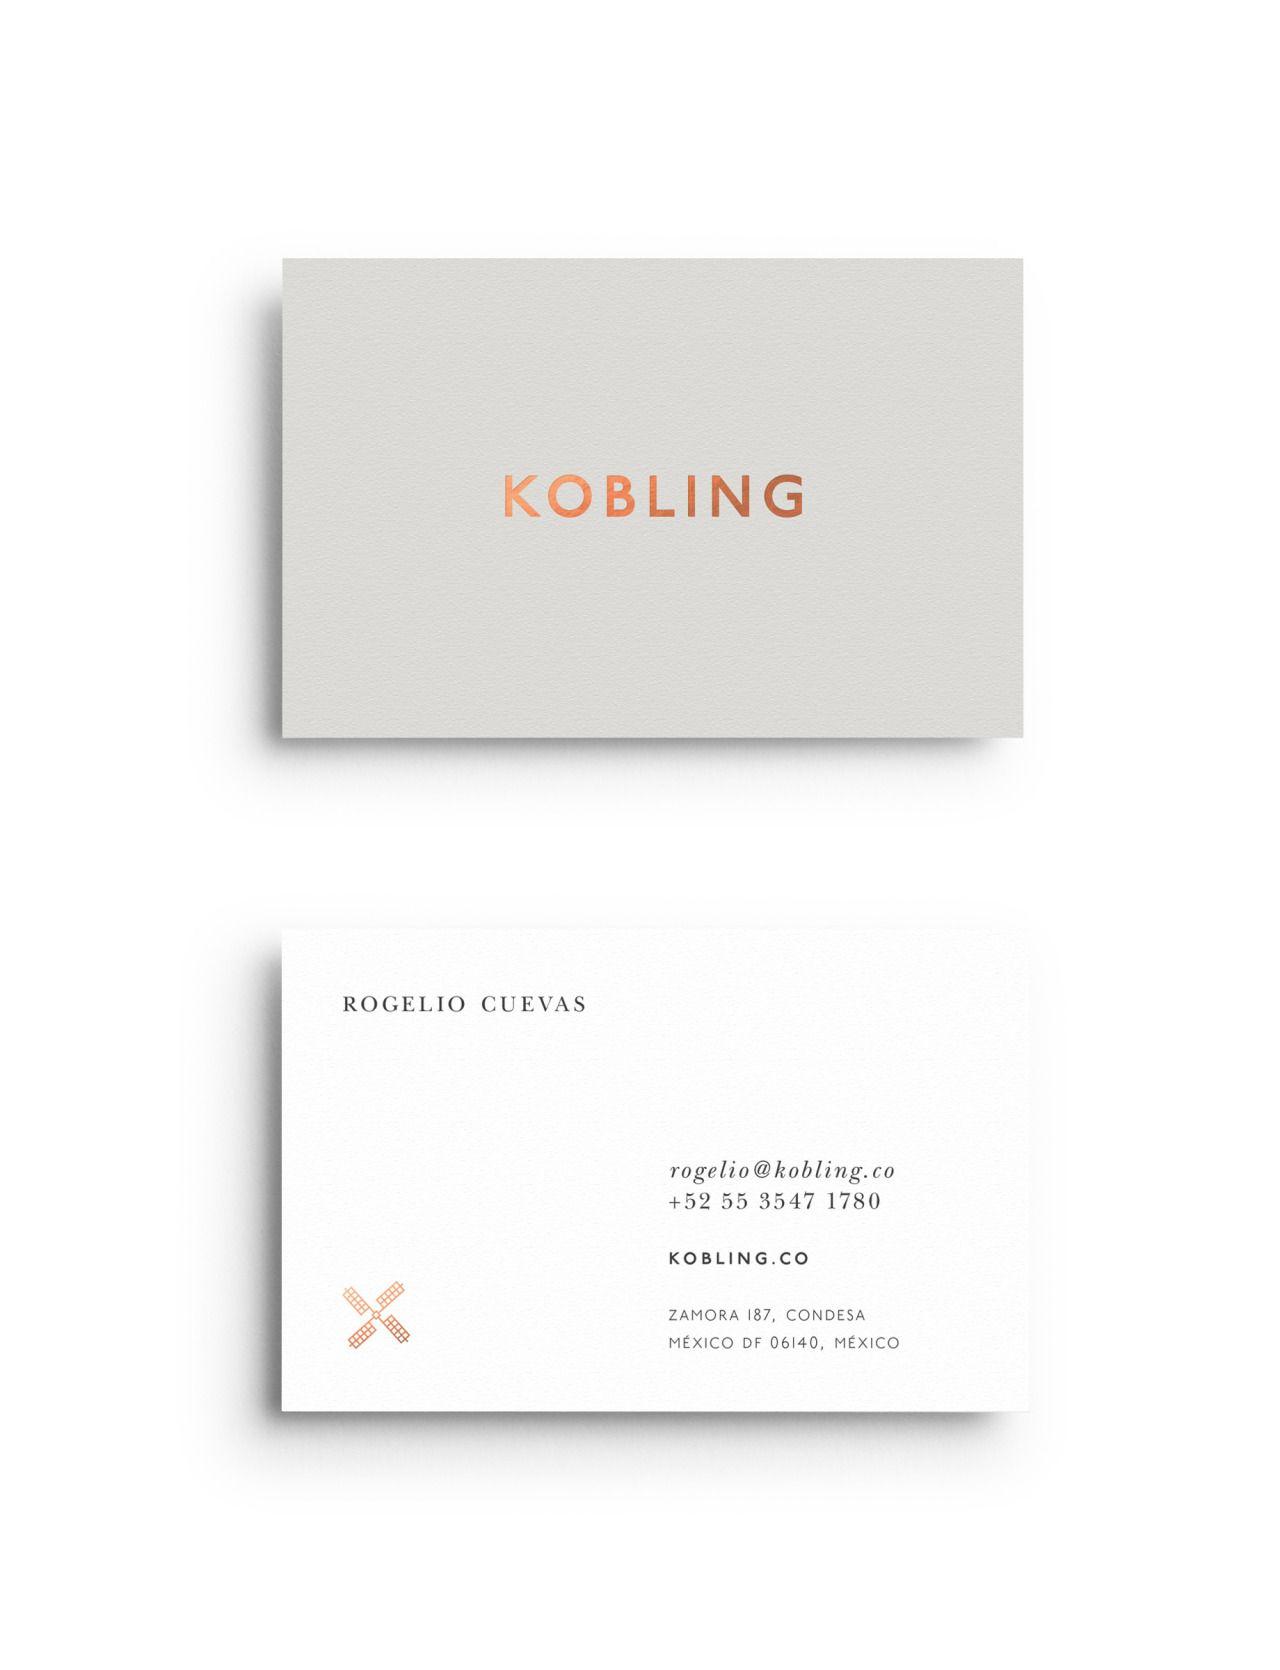 Bijl Business Card Design Inspiration Card Nerd